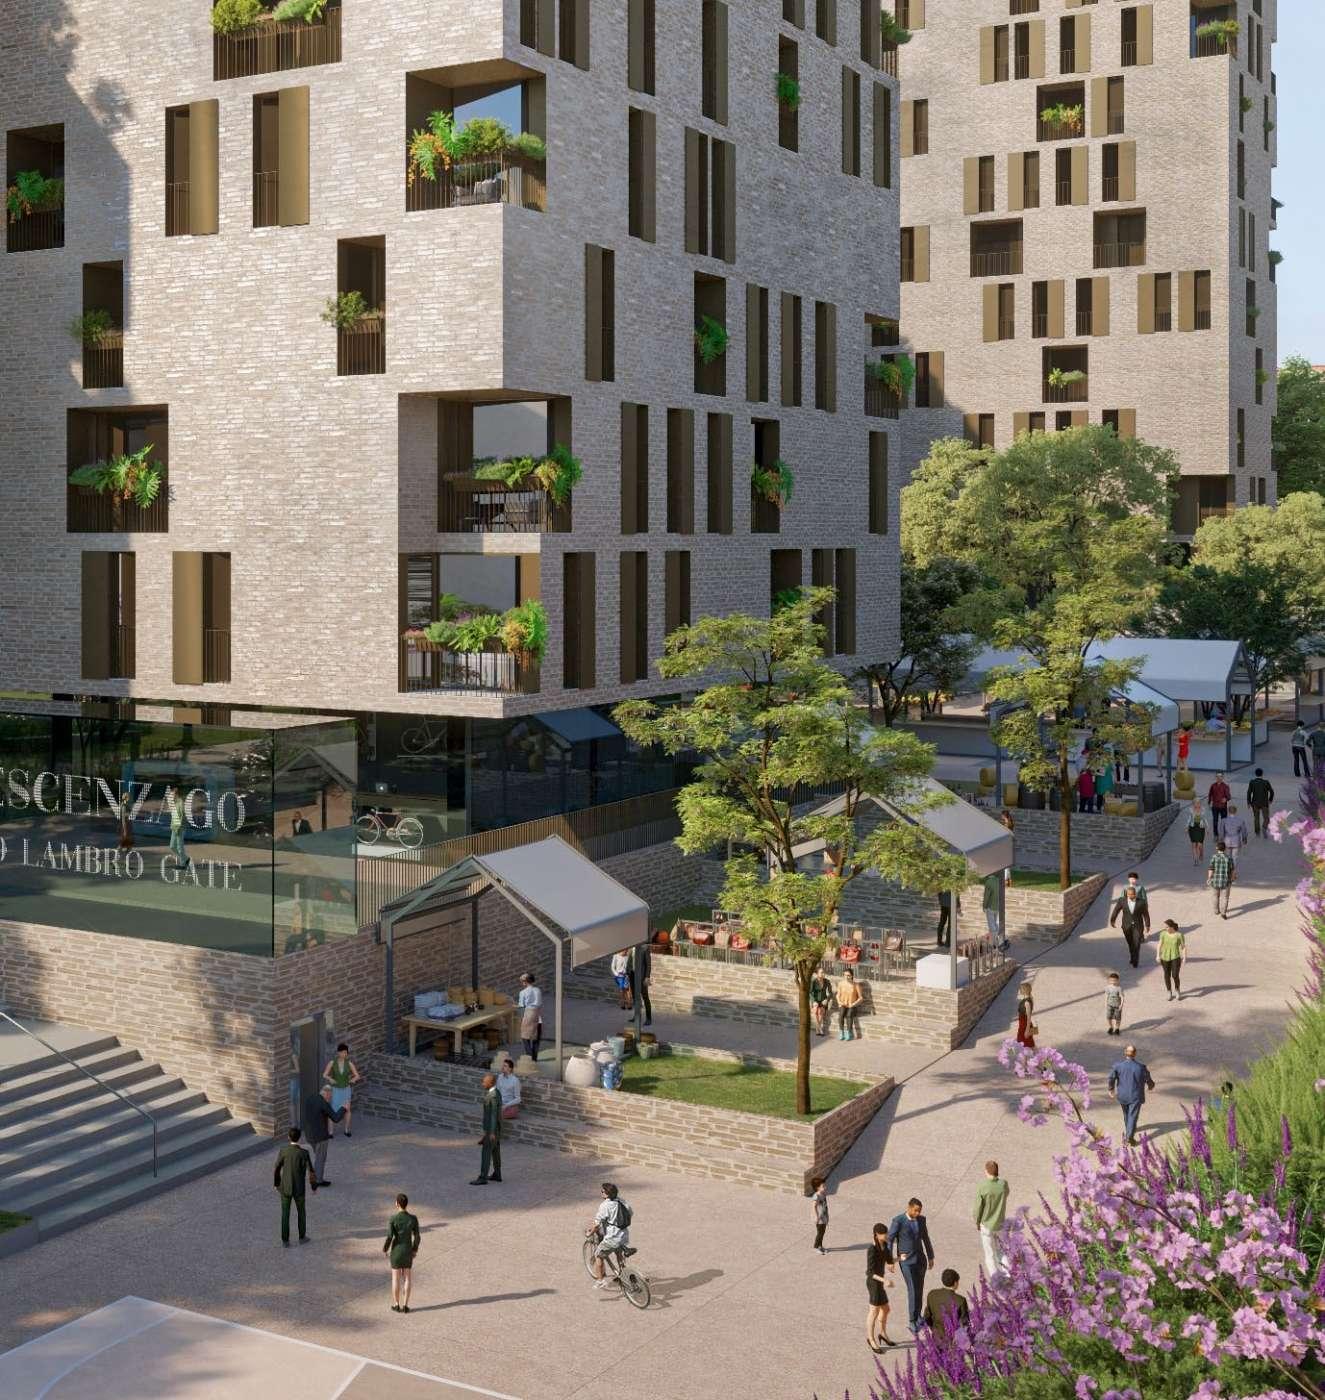 green between reinventing cities